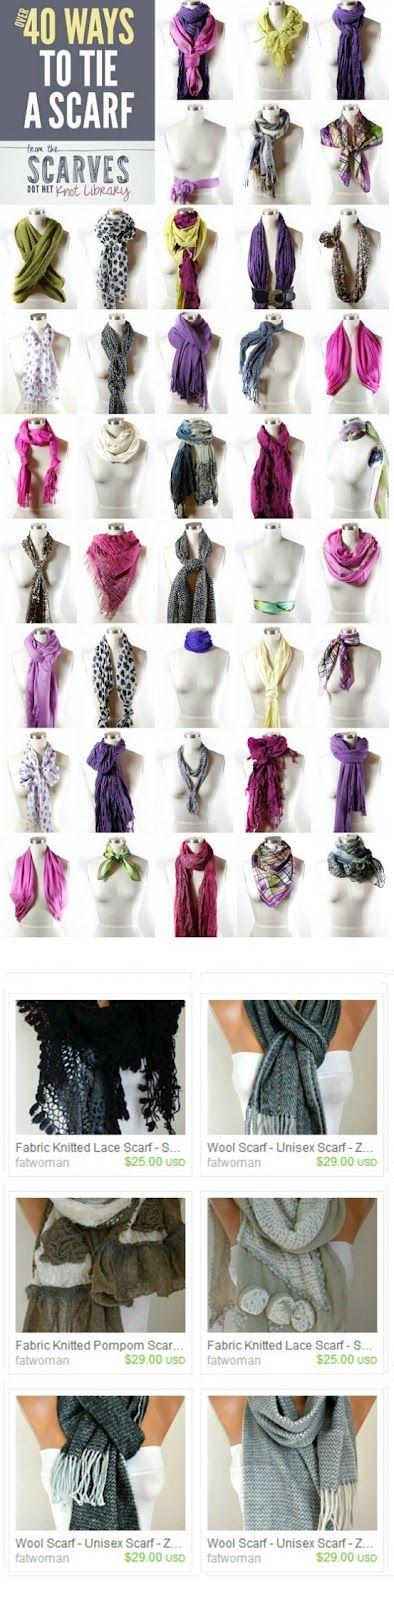 40 ways to tie a scarf!